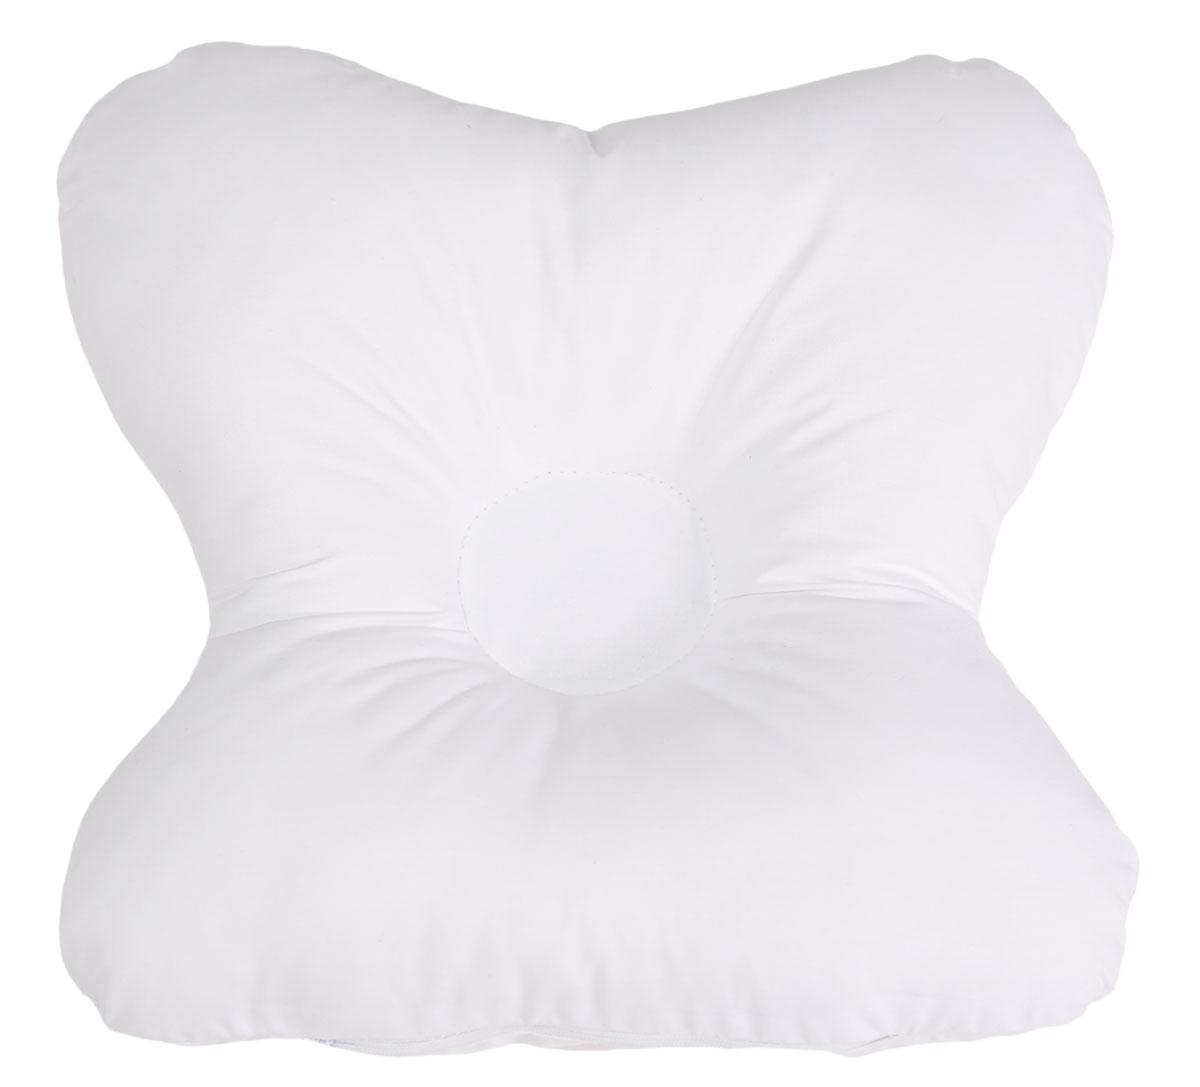 Bio-Textiles Подушка детская Малютка наполнитель лузга гречихи цвет белый 27 х 24 см M070